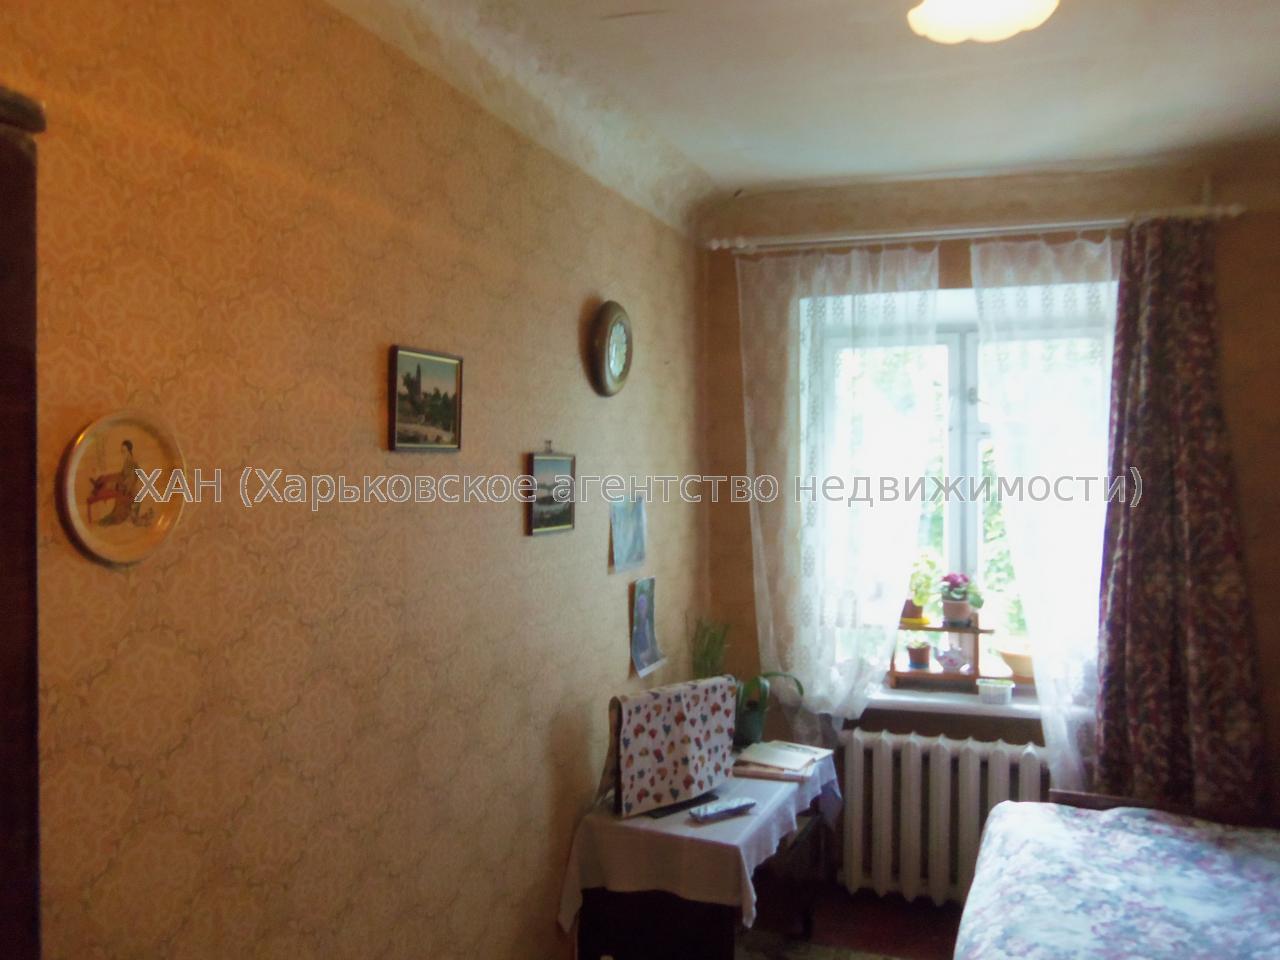 Продам квартиру Харьков, Лесопарковский 1-й пер. 4